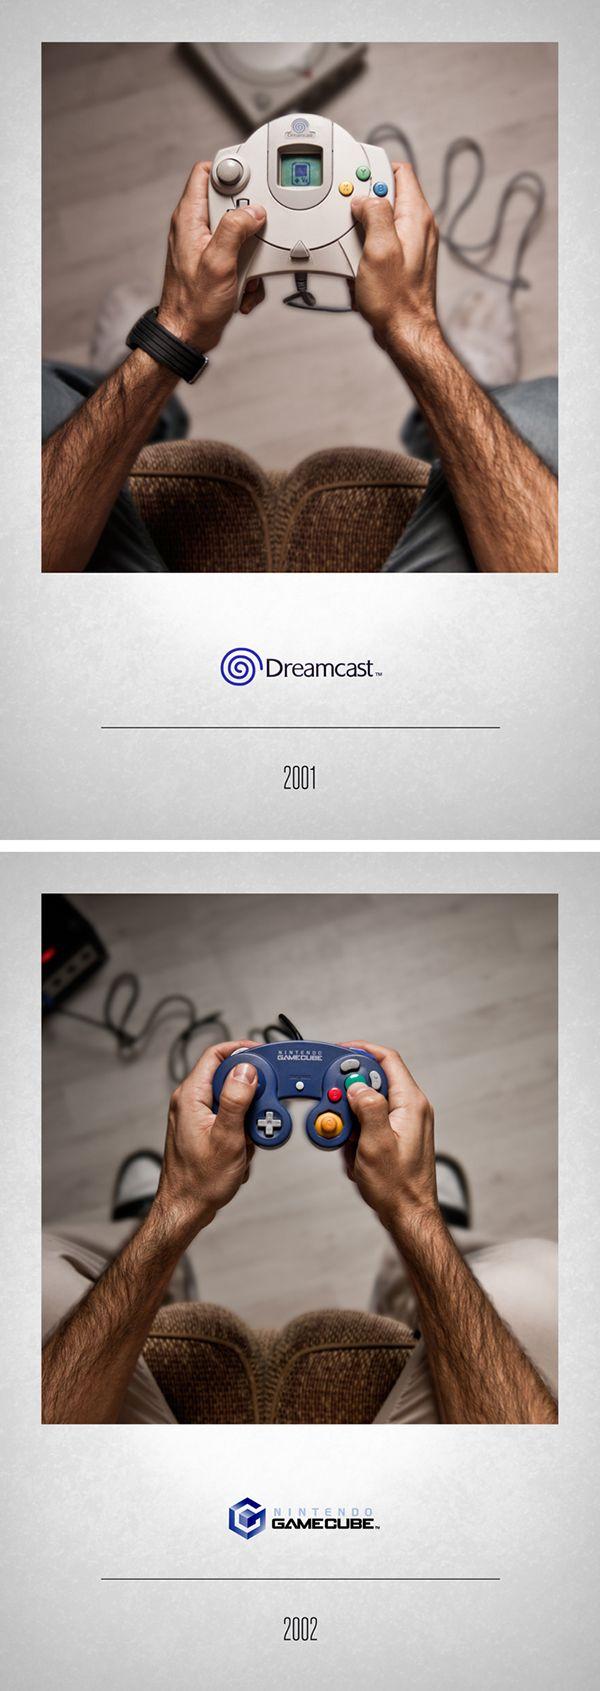 Sega Dreamcast / Nintendo Gamecube